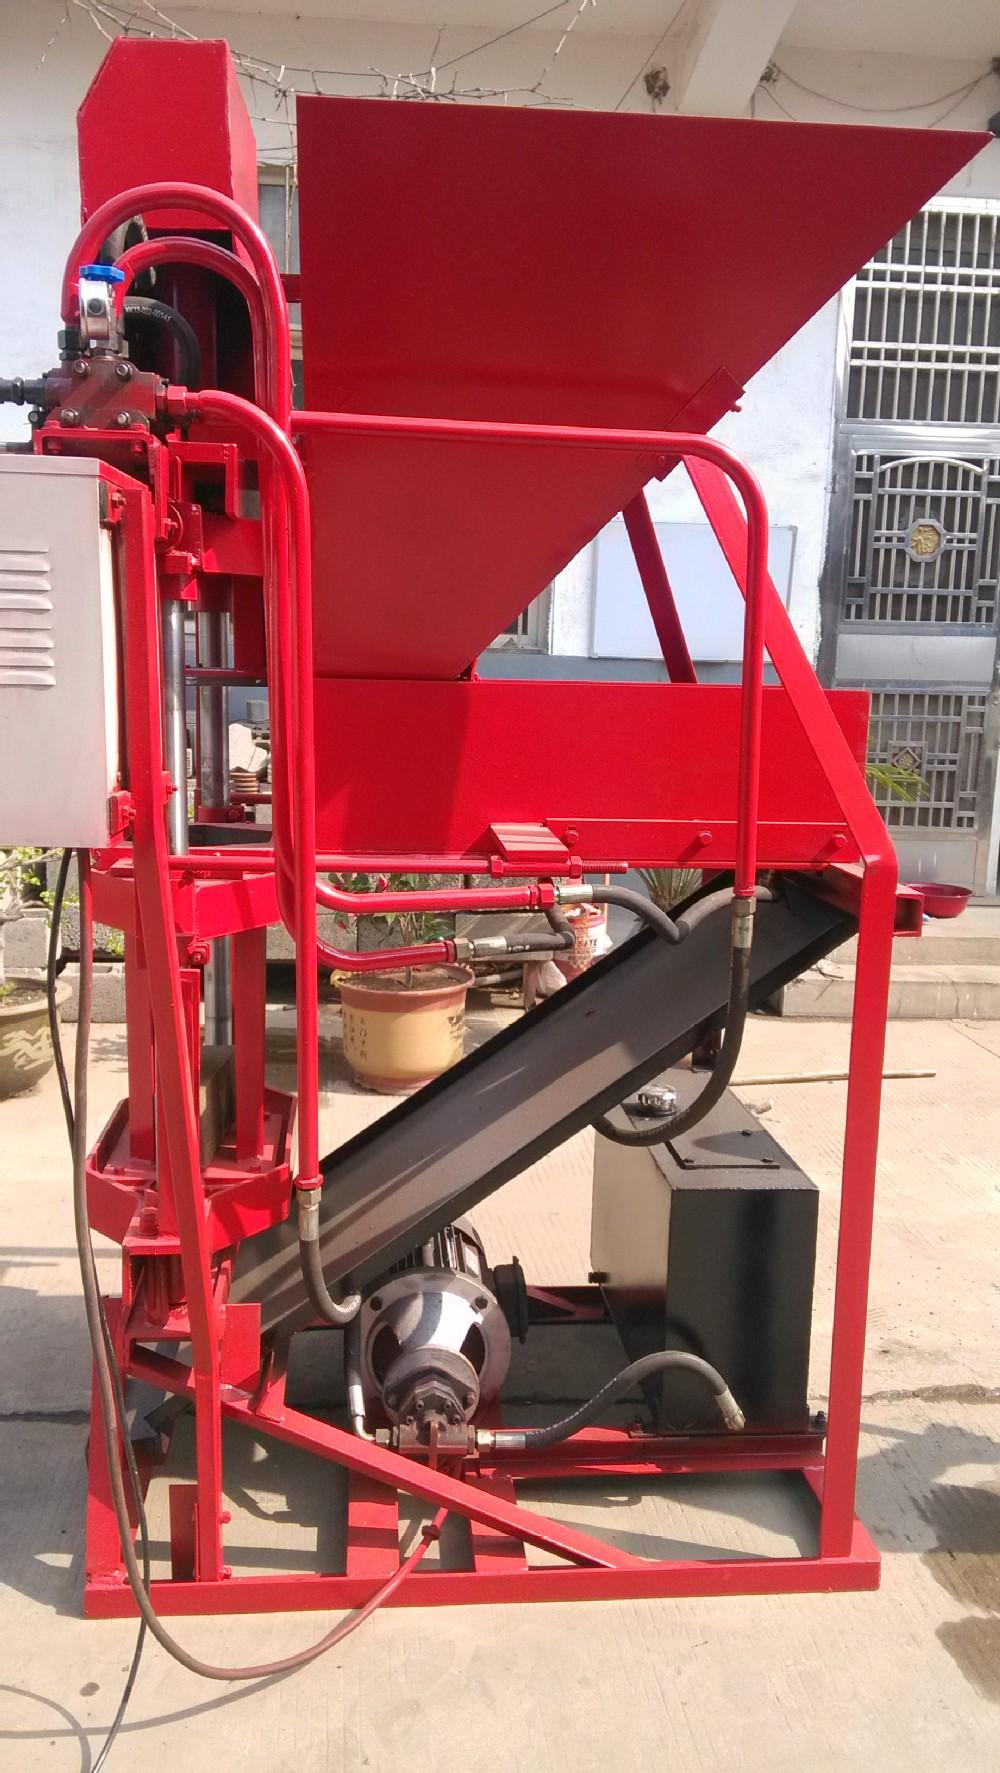 Presse hydraulique machine de brique bloc machine de la terre eco 2700 types de produits industriels